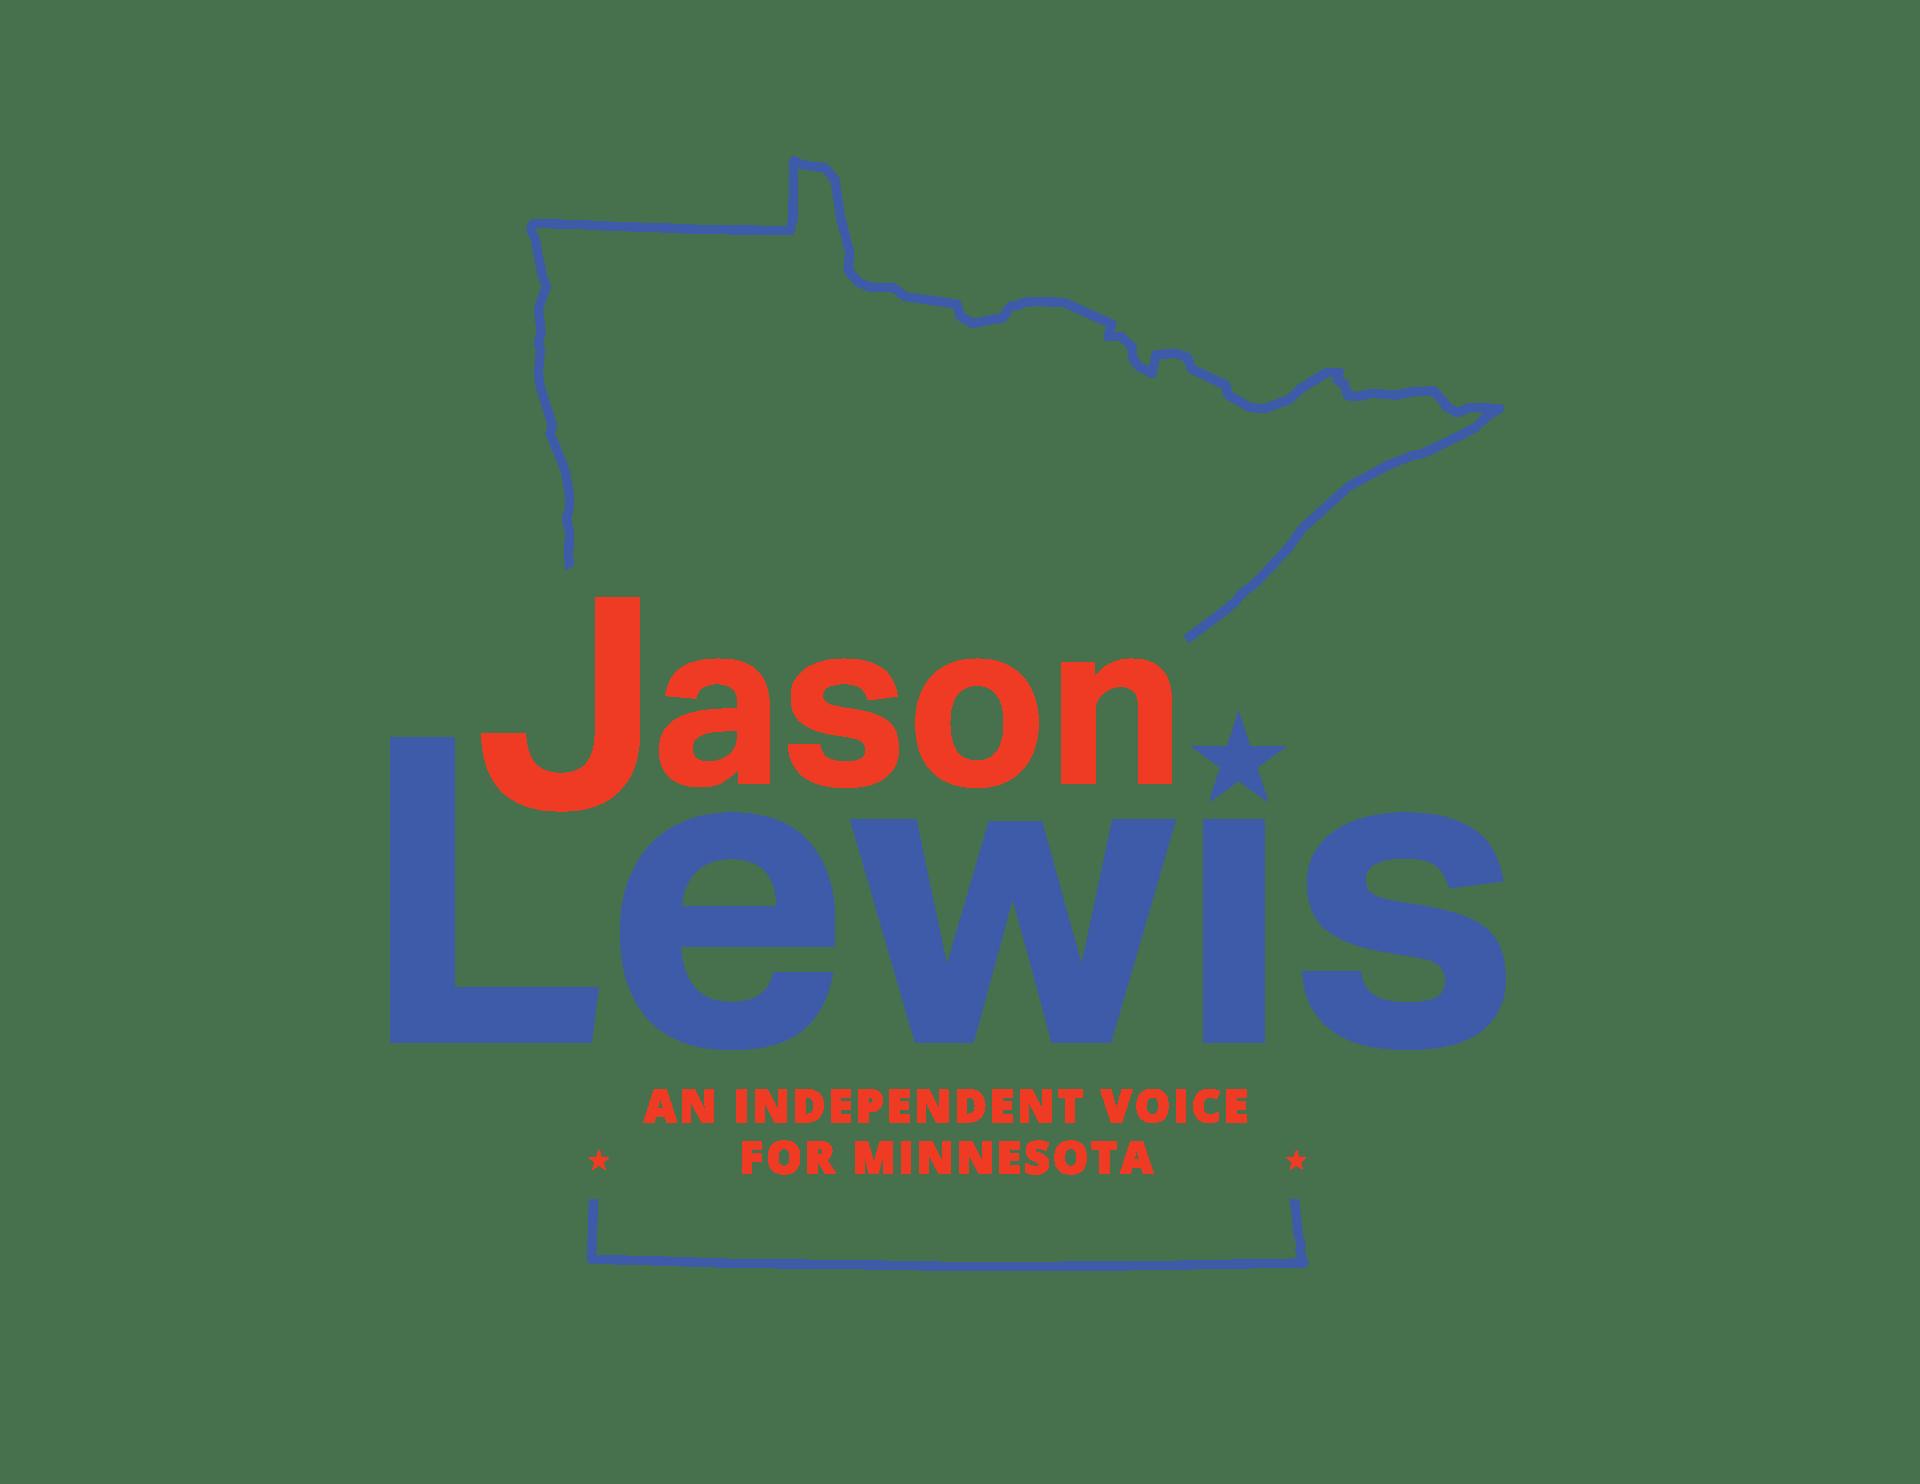 Lewis logo bl v2 full color %283%29